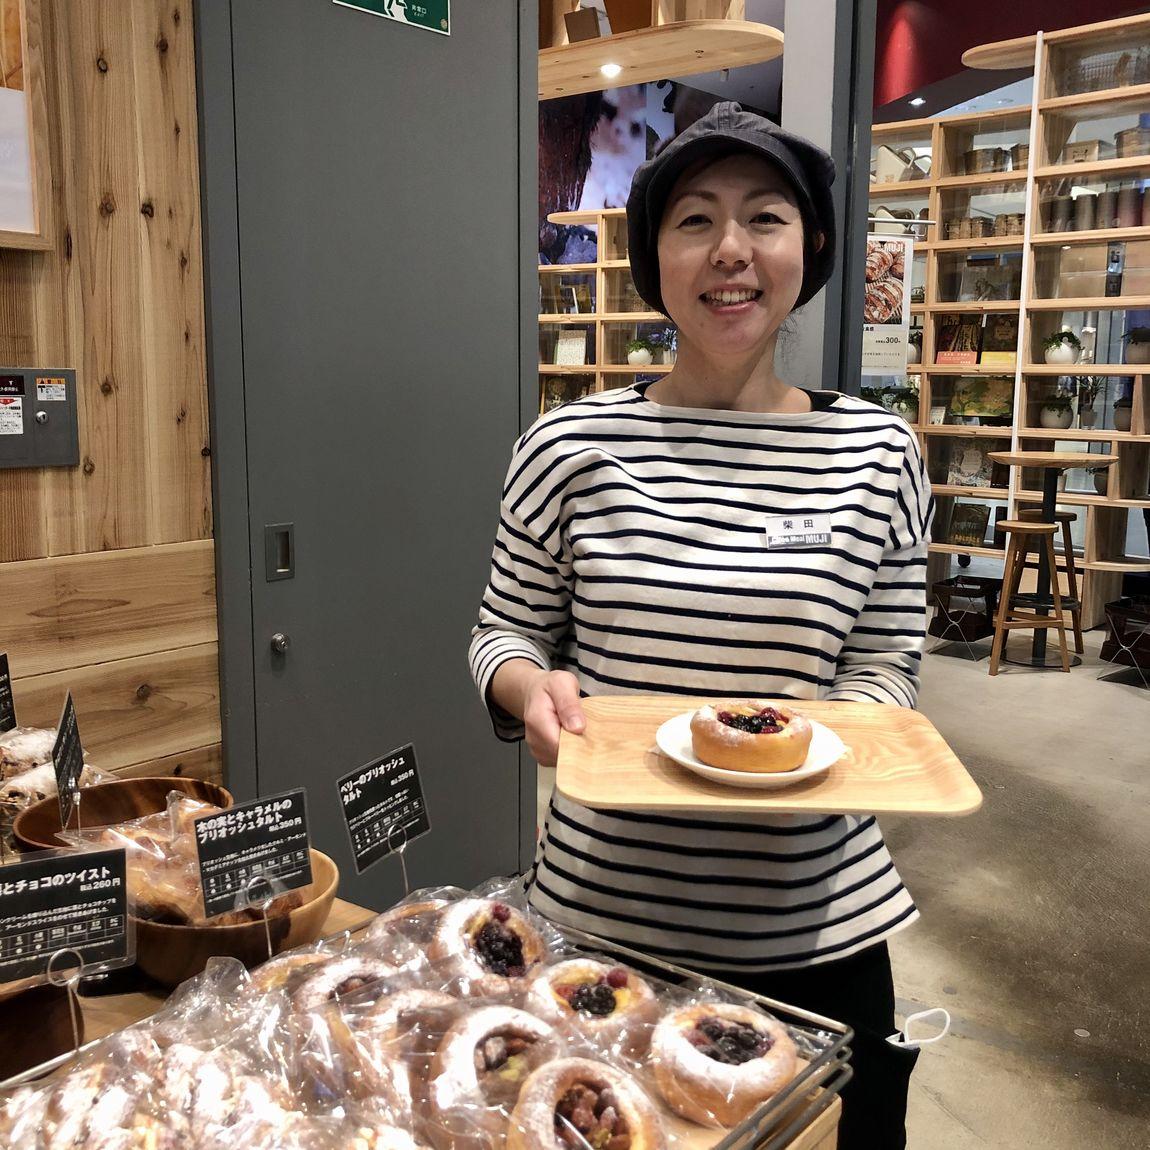 【堺北花田】ショップでいちばんカラフル。『ベリーのブリオッシュタルト』|Café&Meal MUJI